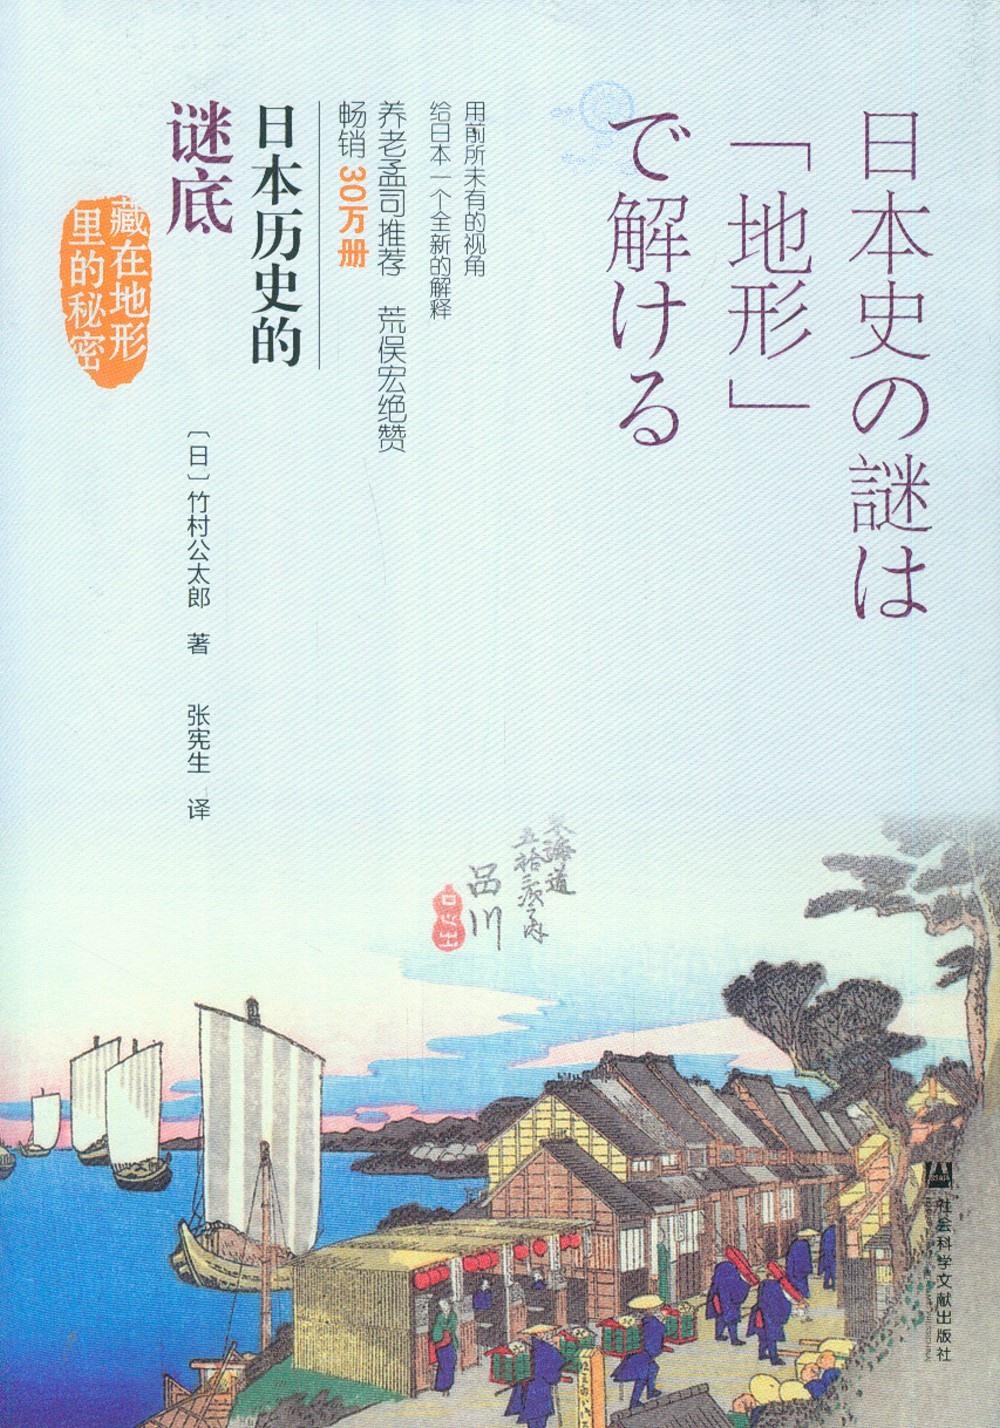 日本歷史的謎底:藏在地形里的秘密